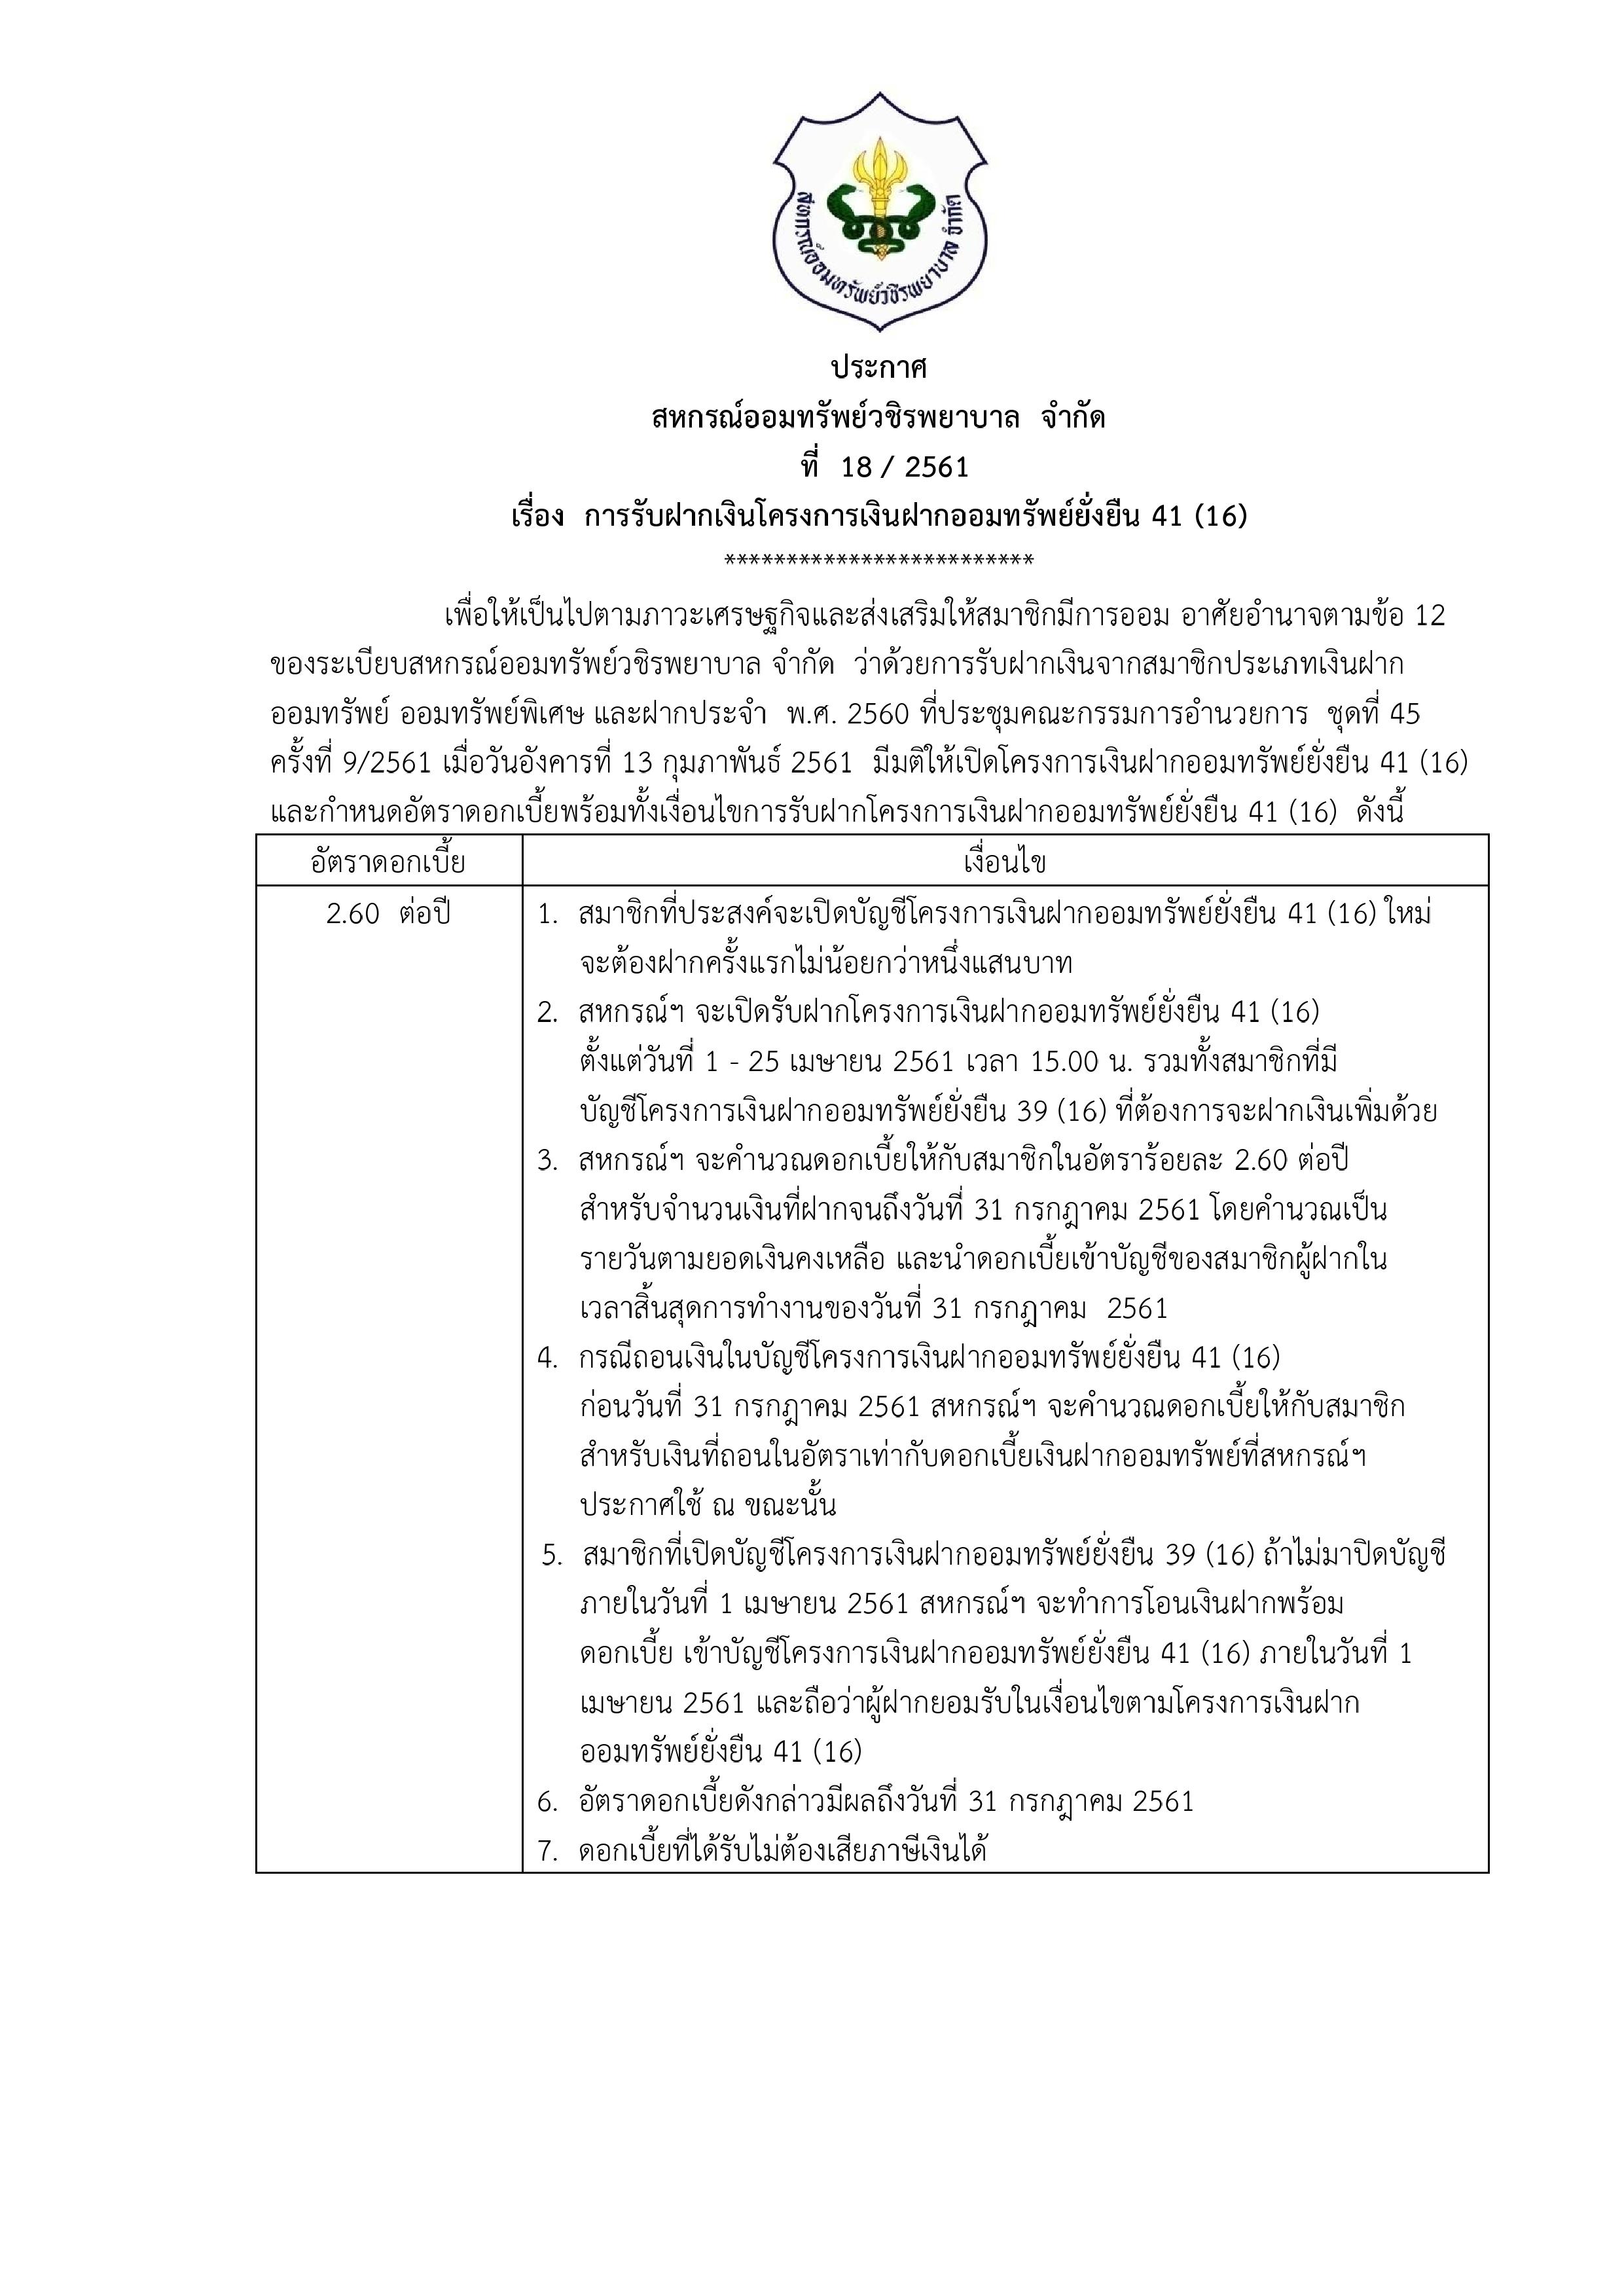 การรับฝากเงินโครงการเงินฝากออมทรัพย์ยั่งยืน 41 (16)